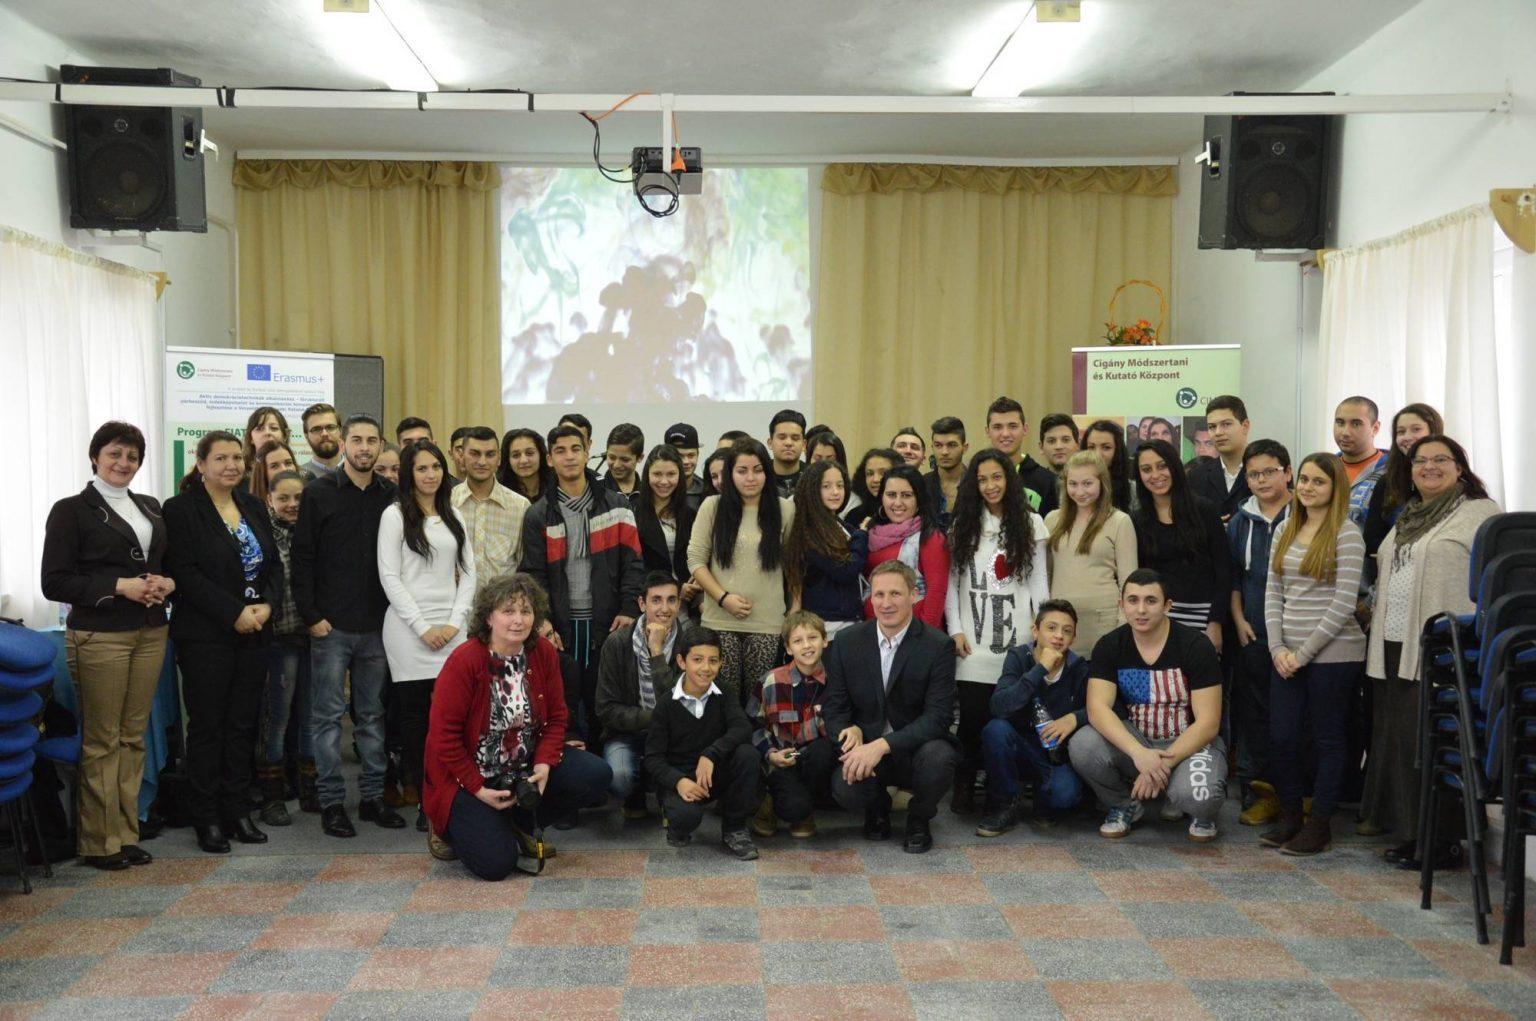 Erasmus-Program-Verpeleten-1536x1021